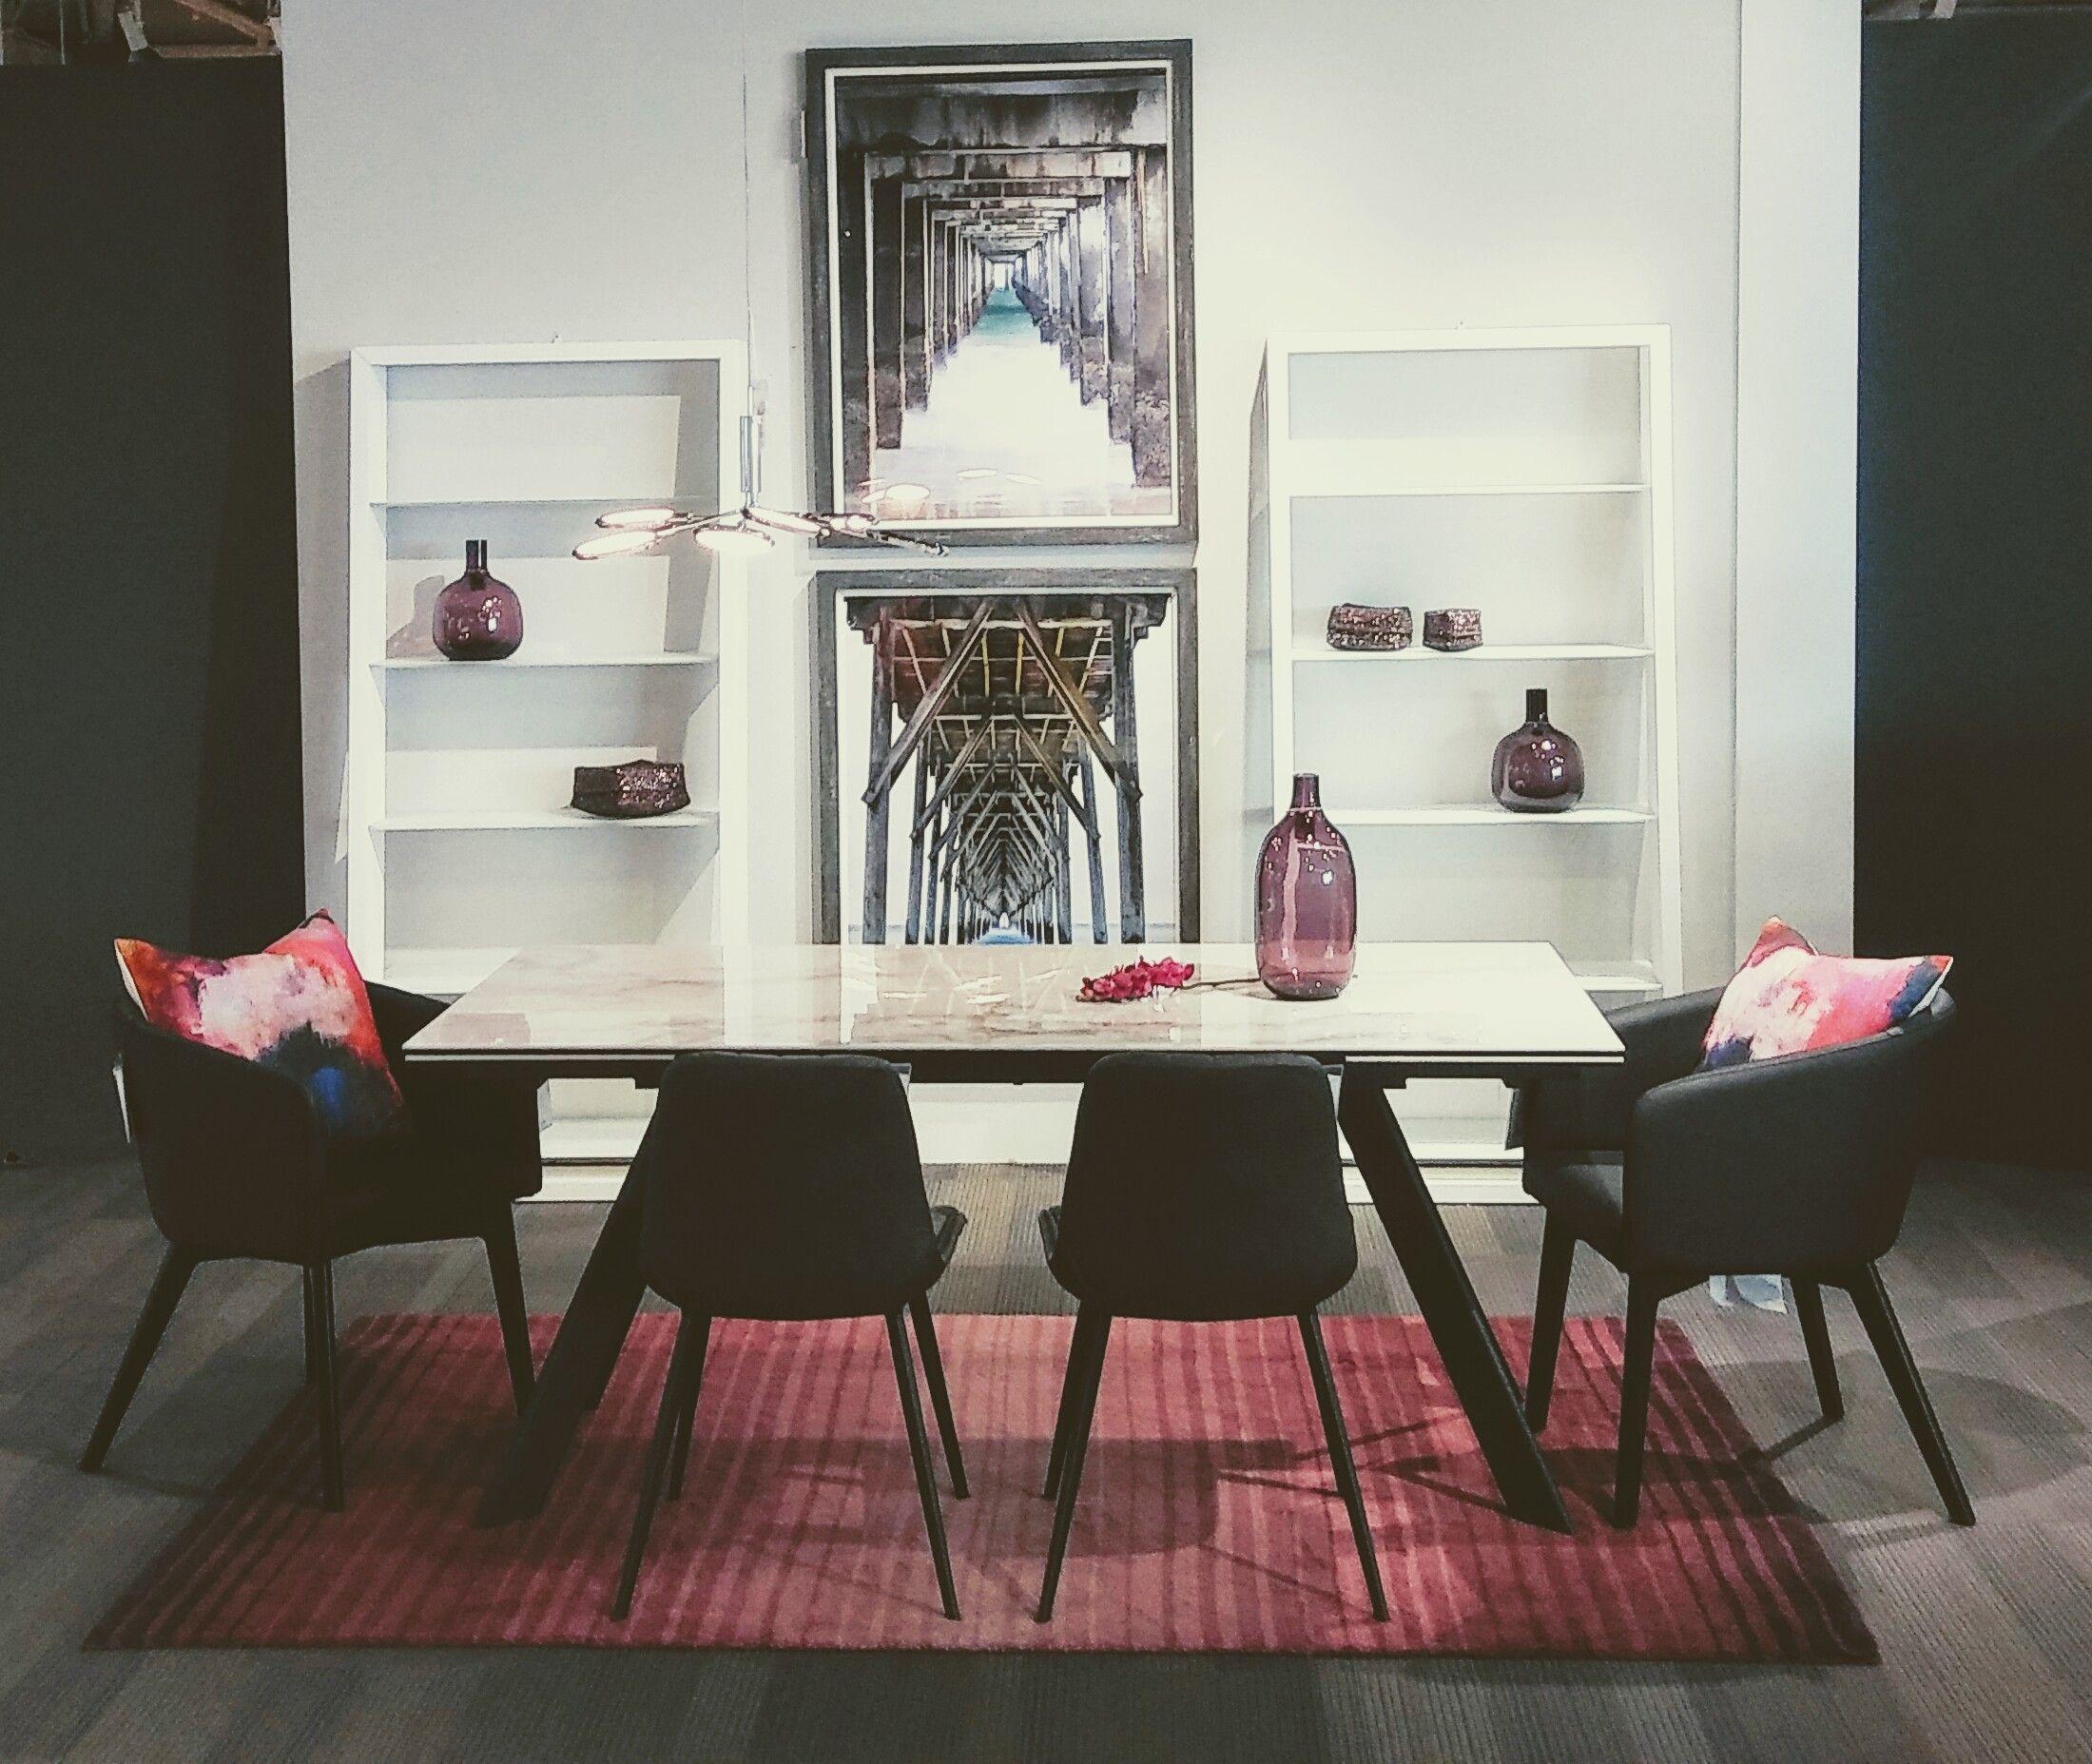 Magnifique Mobilier De Salle A Manger Avec Chaises En Tissu Table Avec Dessus En Verre Et Tapis Aux Teintes Roses Home Decor Home Dining Table